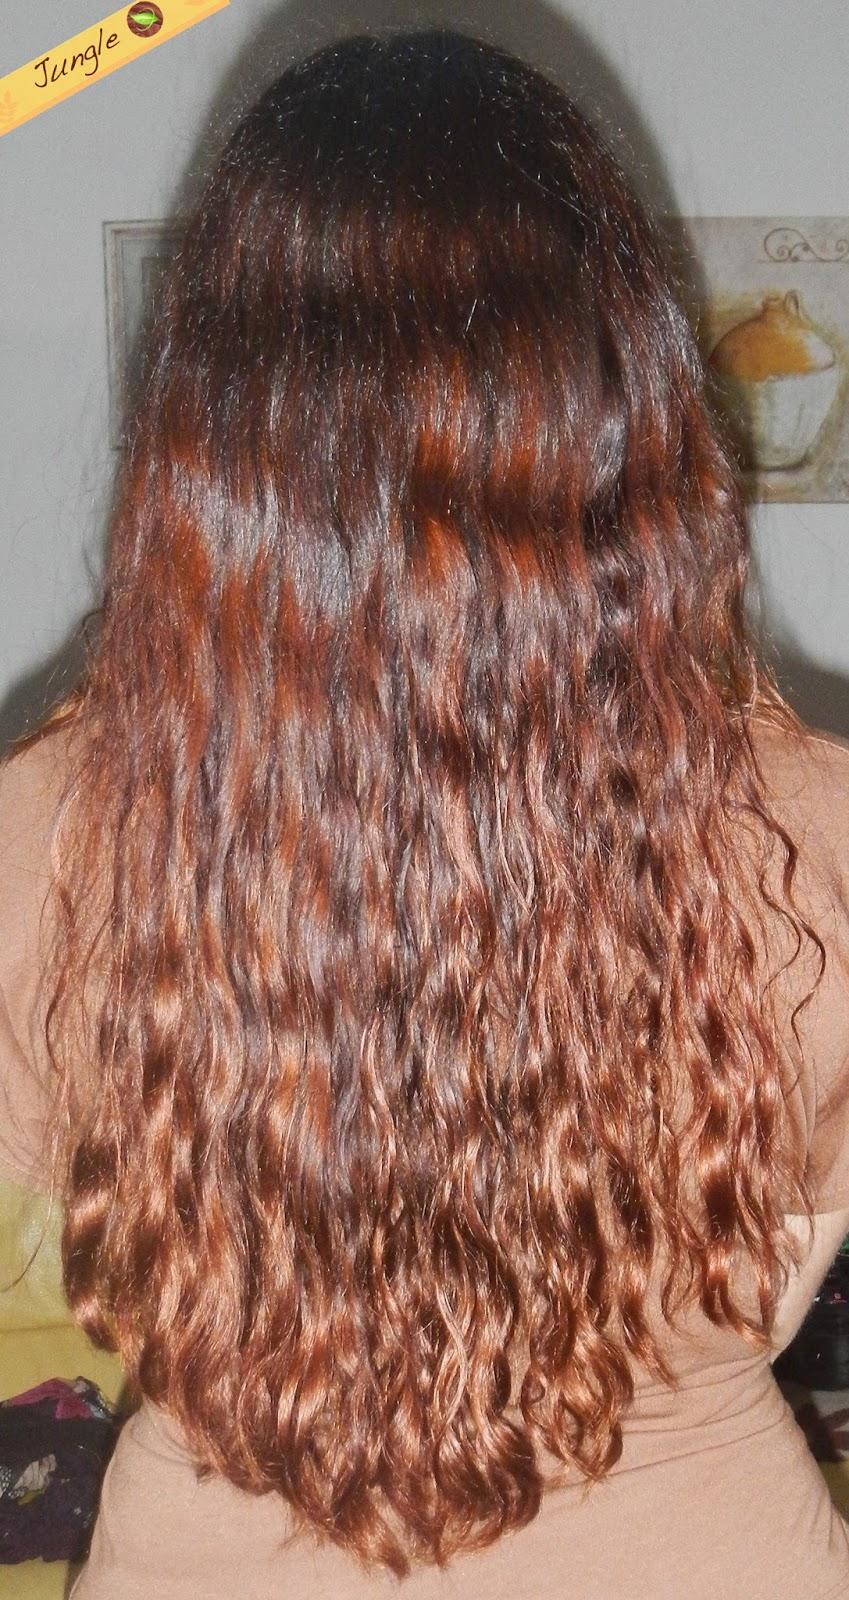 jungle 39 s hair de beaux cheveux au naturel soin maison au beurre de karit 3 huiles. Black Bedroom Furniture Sets. Home Design Ideas